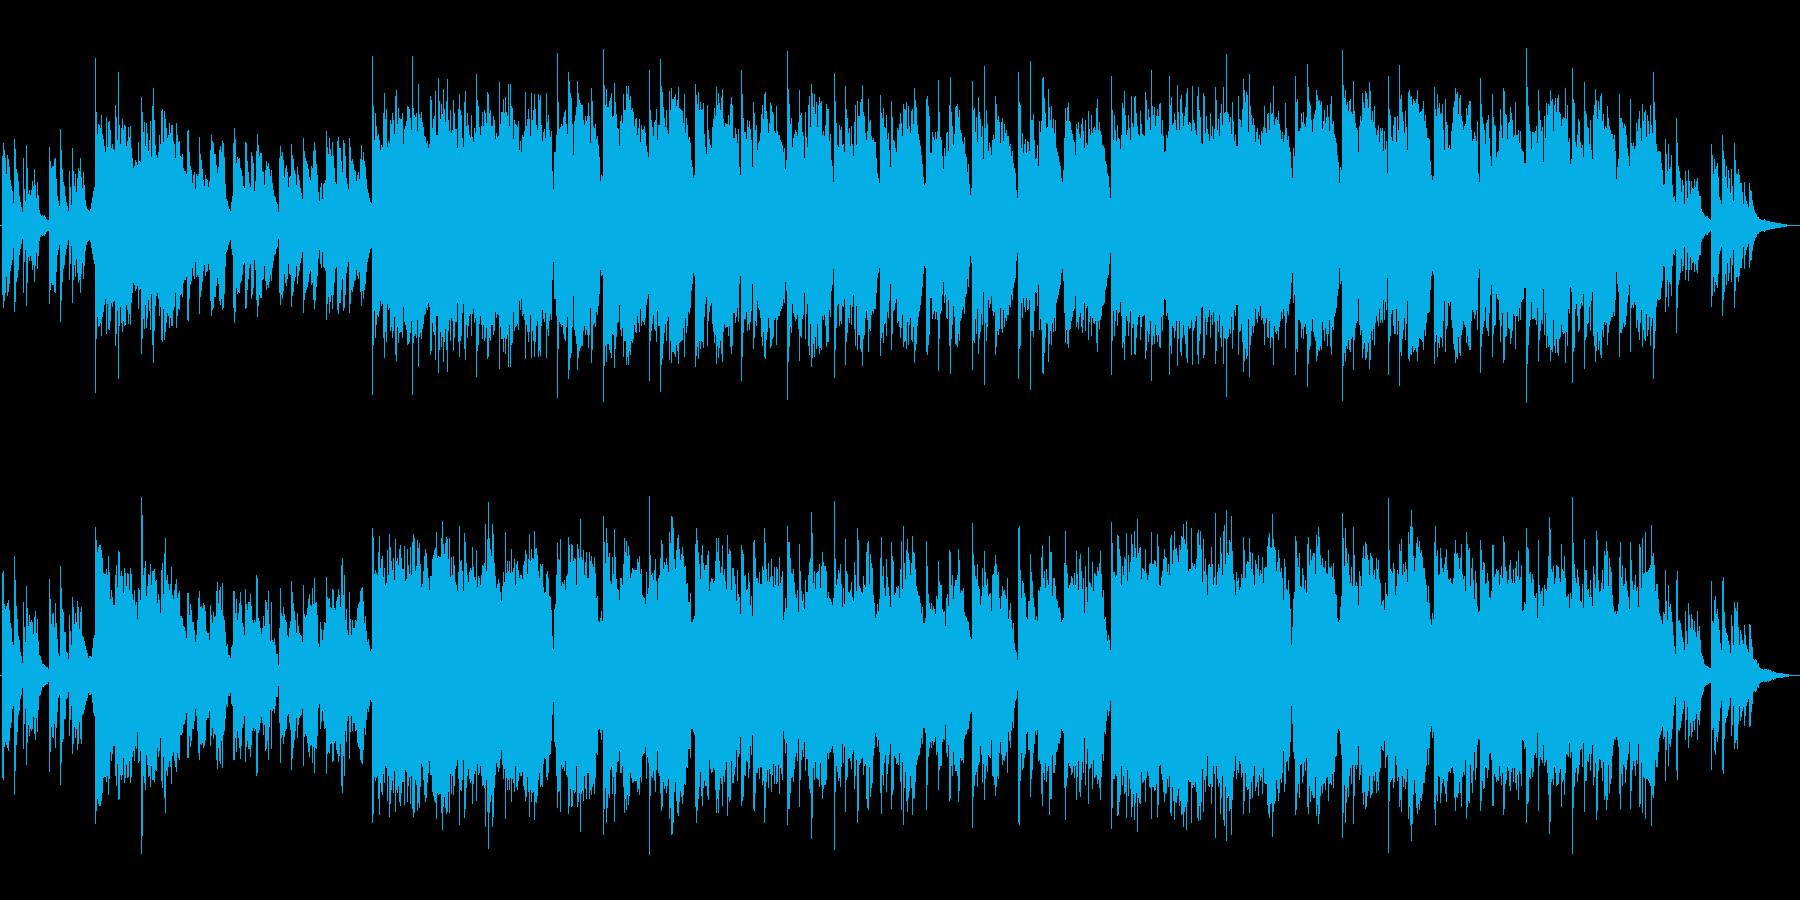 生演奏尺八・和の心と情緒を感じるバラードの再生済みの波形